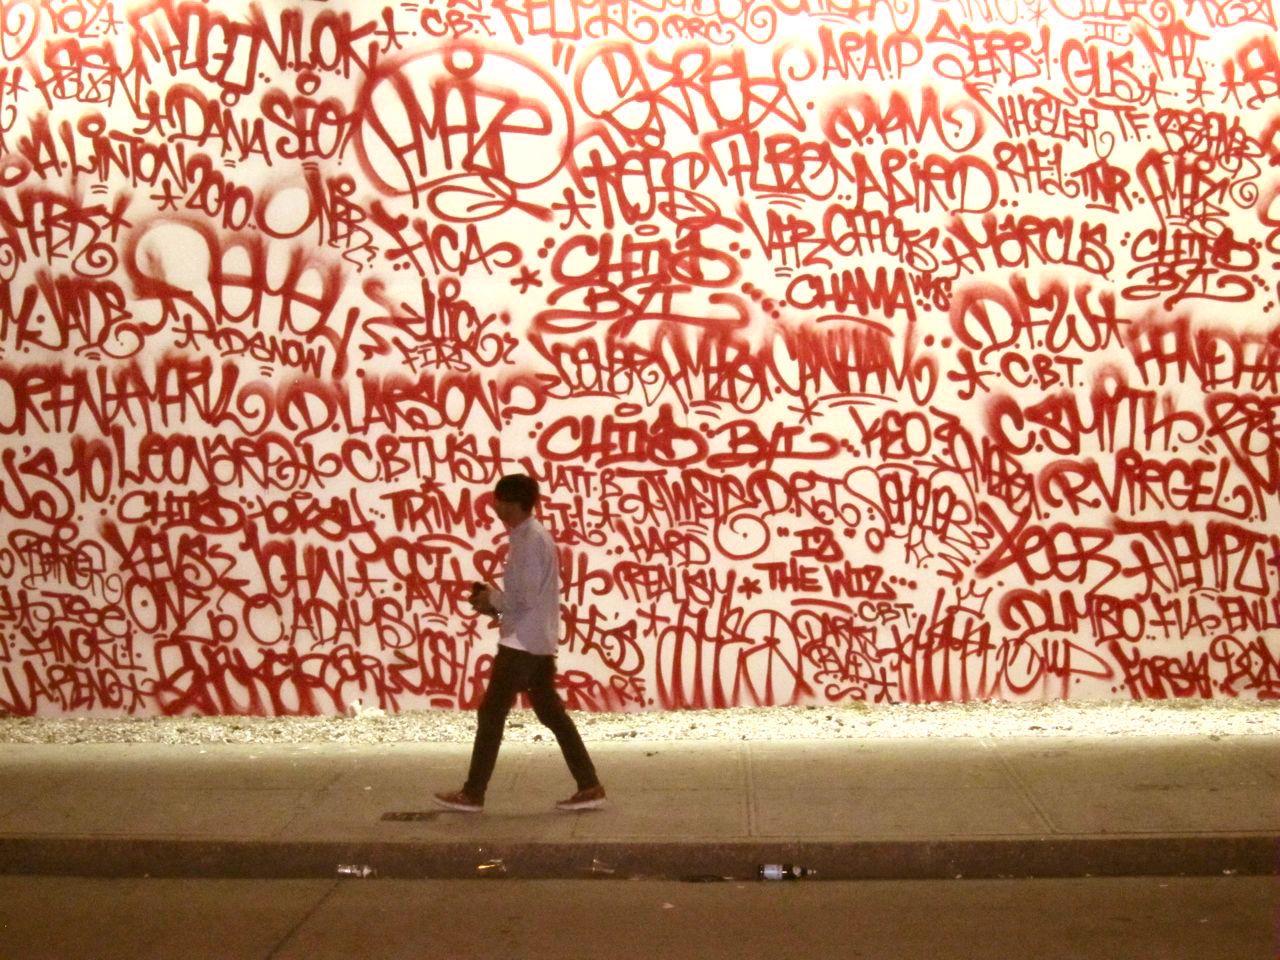 Un grande museo celebra graffiti e street art...